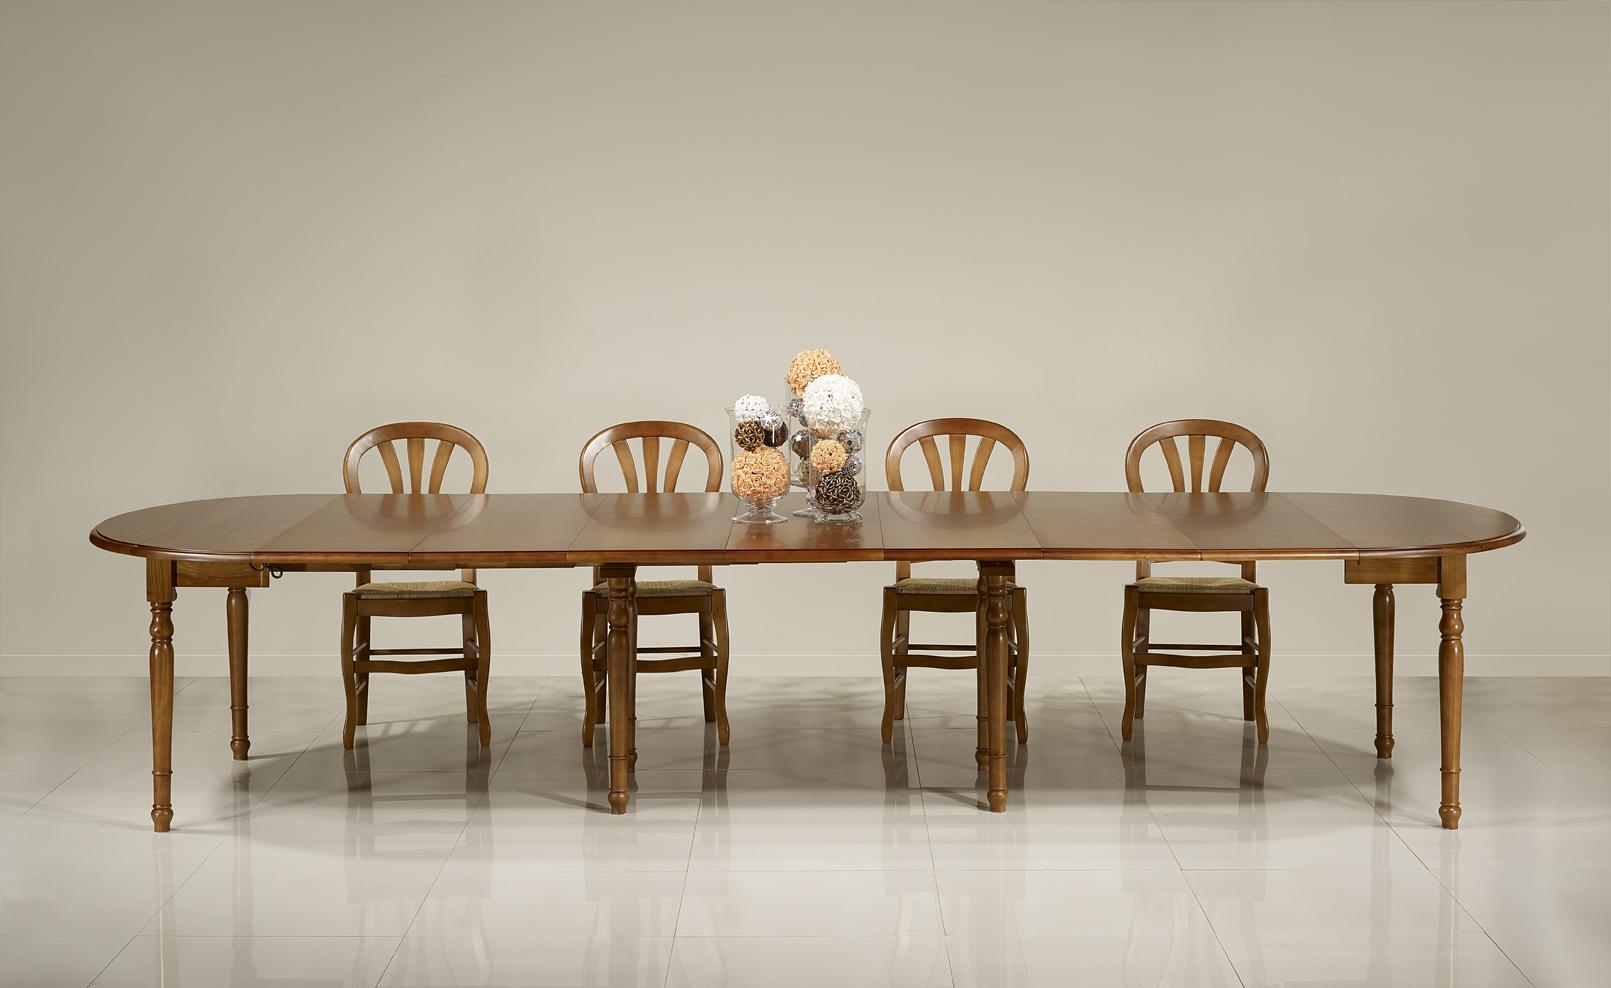 table ronde volets diametre 120 en merisier massif de style louis philippe 7 allonges de 40 cm. Black Bedroom Furniture Sets. Home Design Ideas